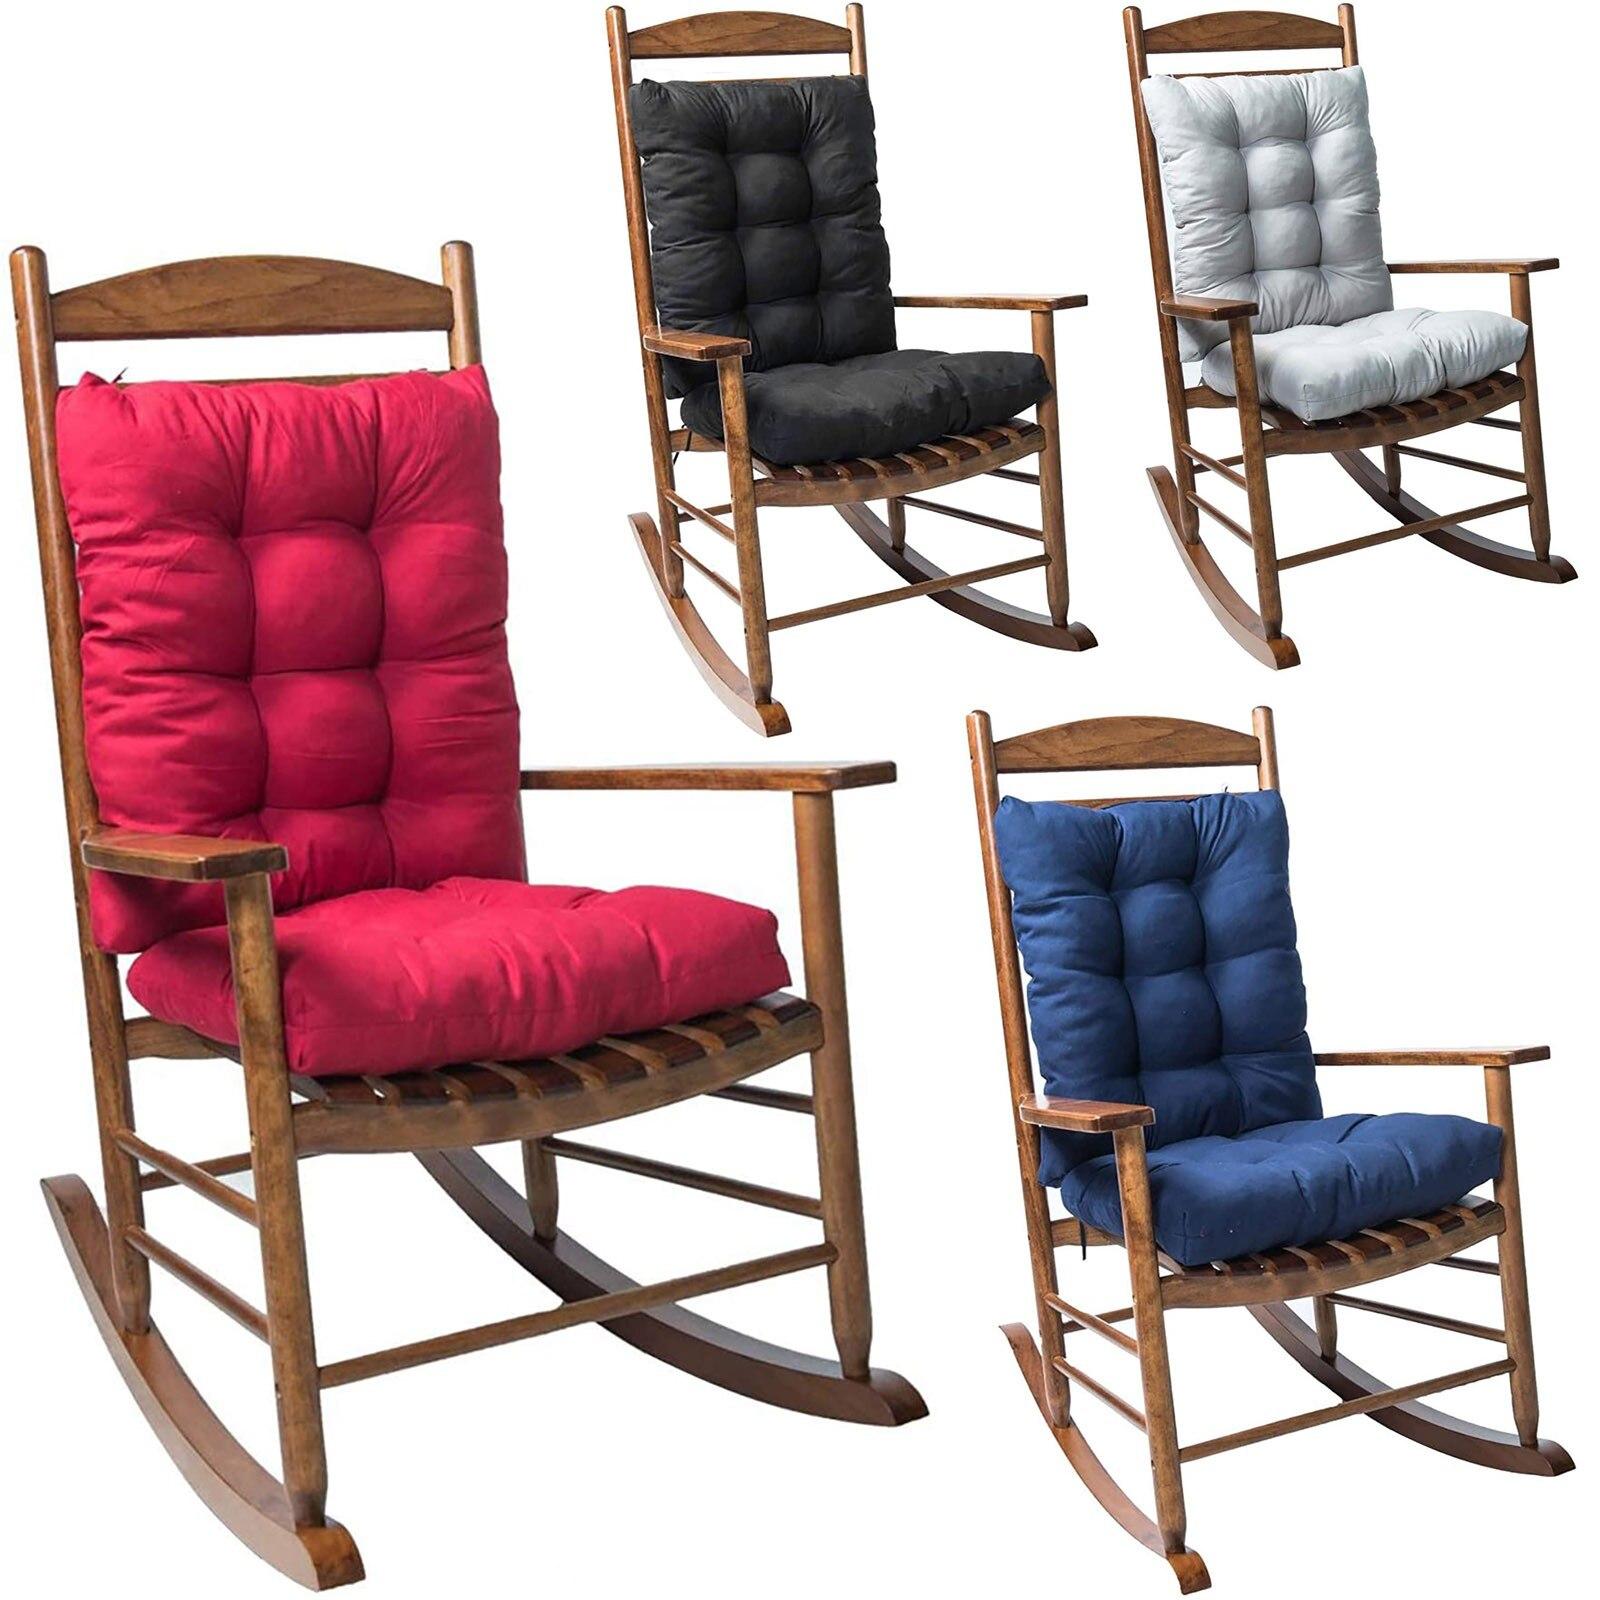 منقوشة كراسي طويلة بوسائد كرسي متأرجح وسادة عالية الظهر وسادة للمقعد وسادة داخلي وخارجي حديقة طويلة مقعد تاتامي وسادة # G30